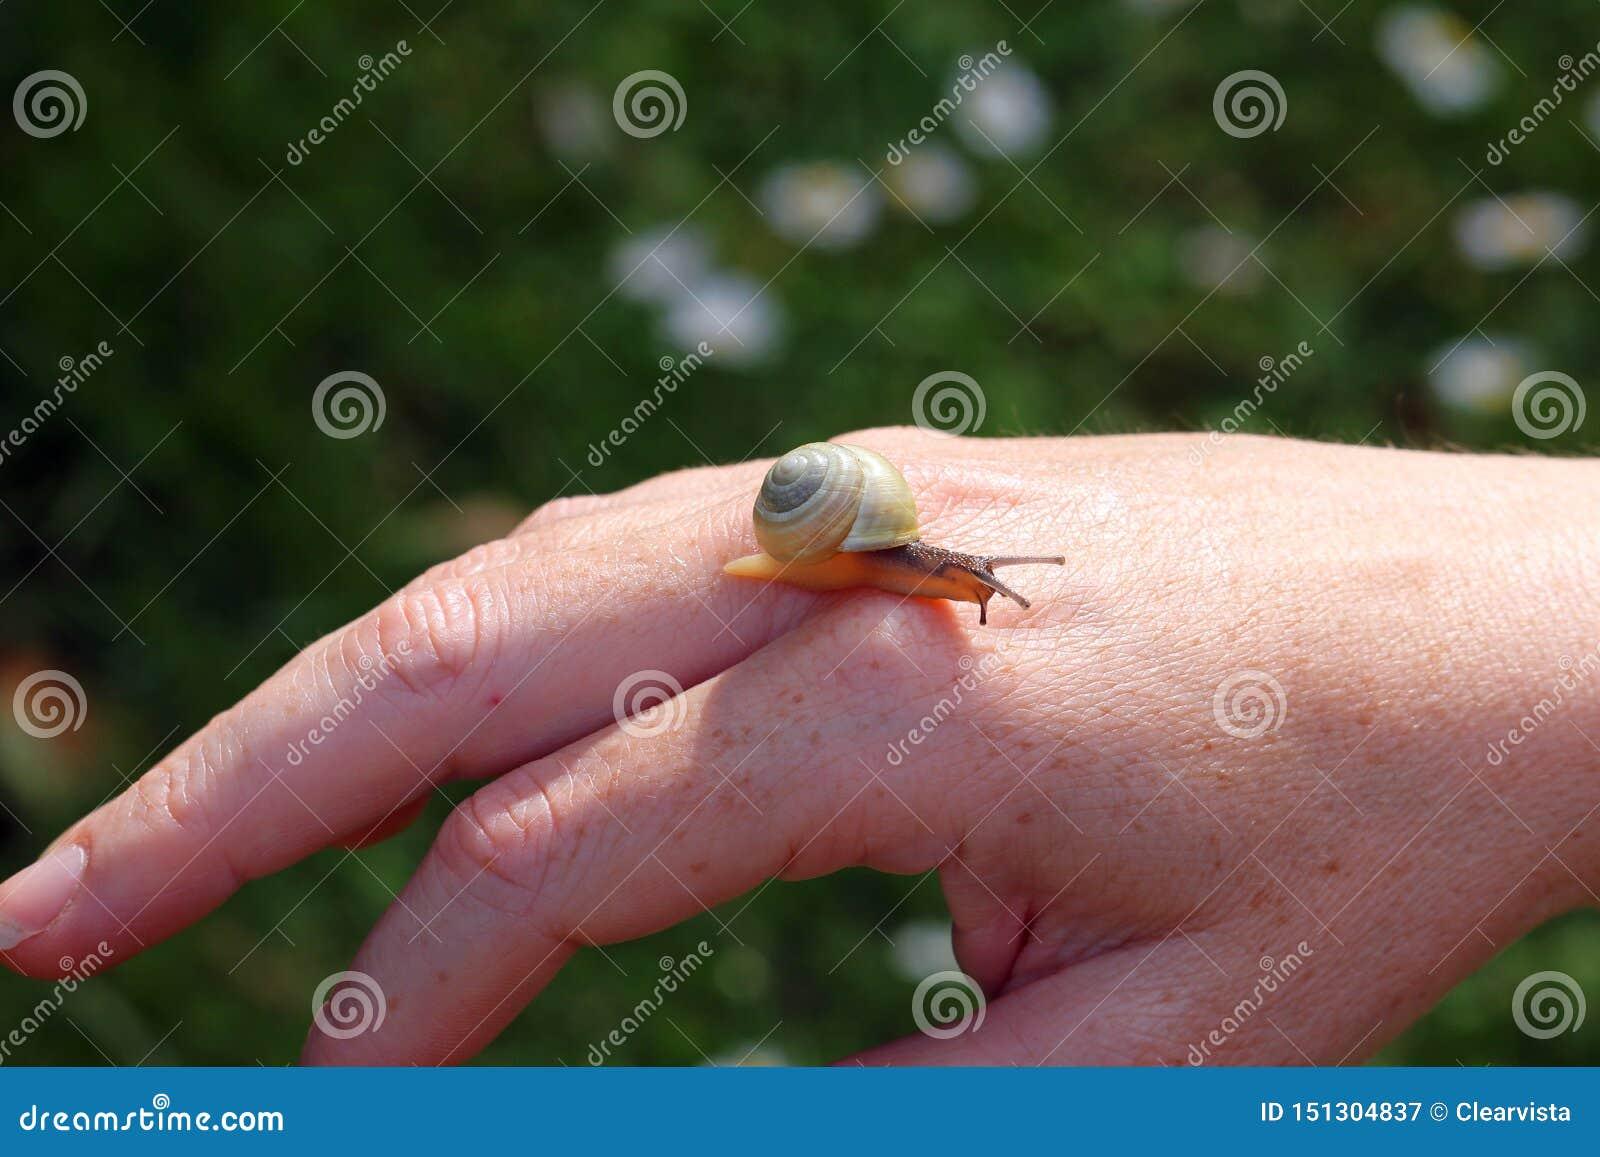 Caracol de jardín en una mano humana